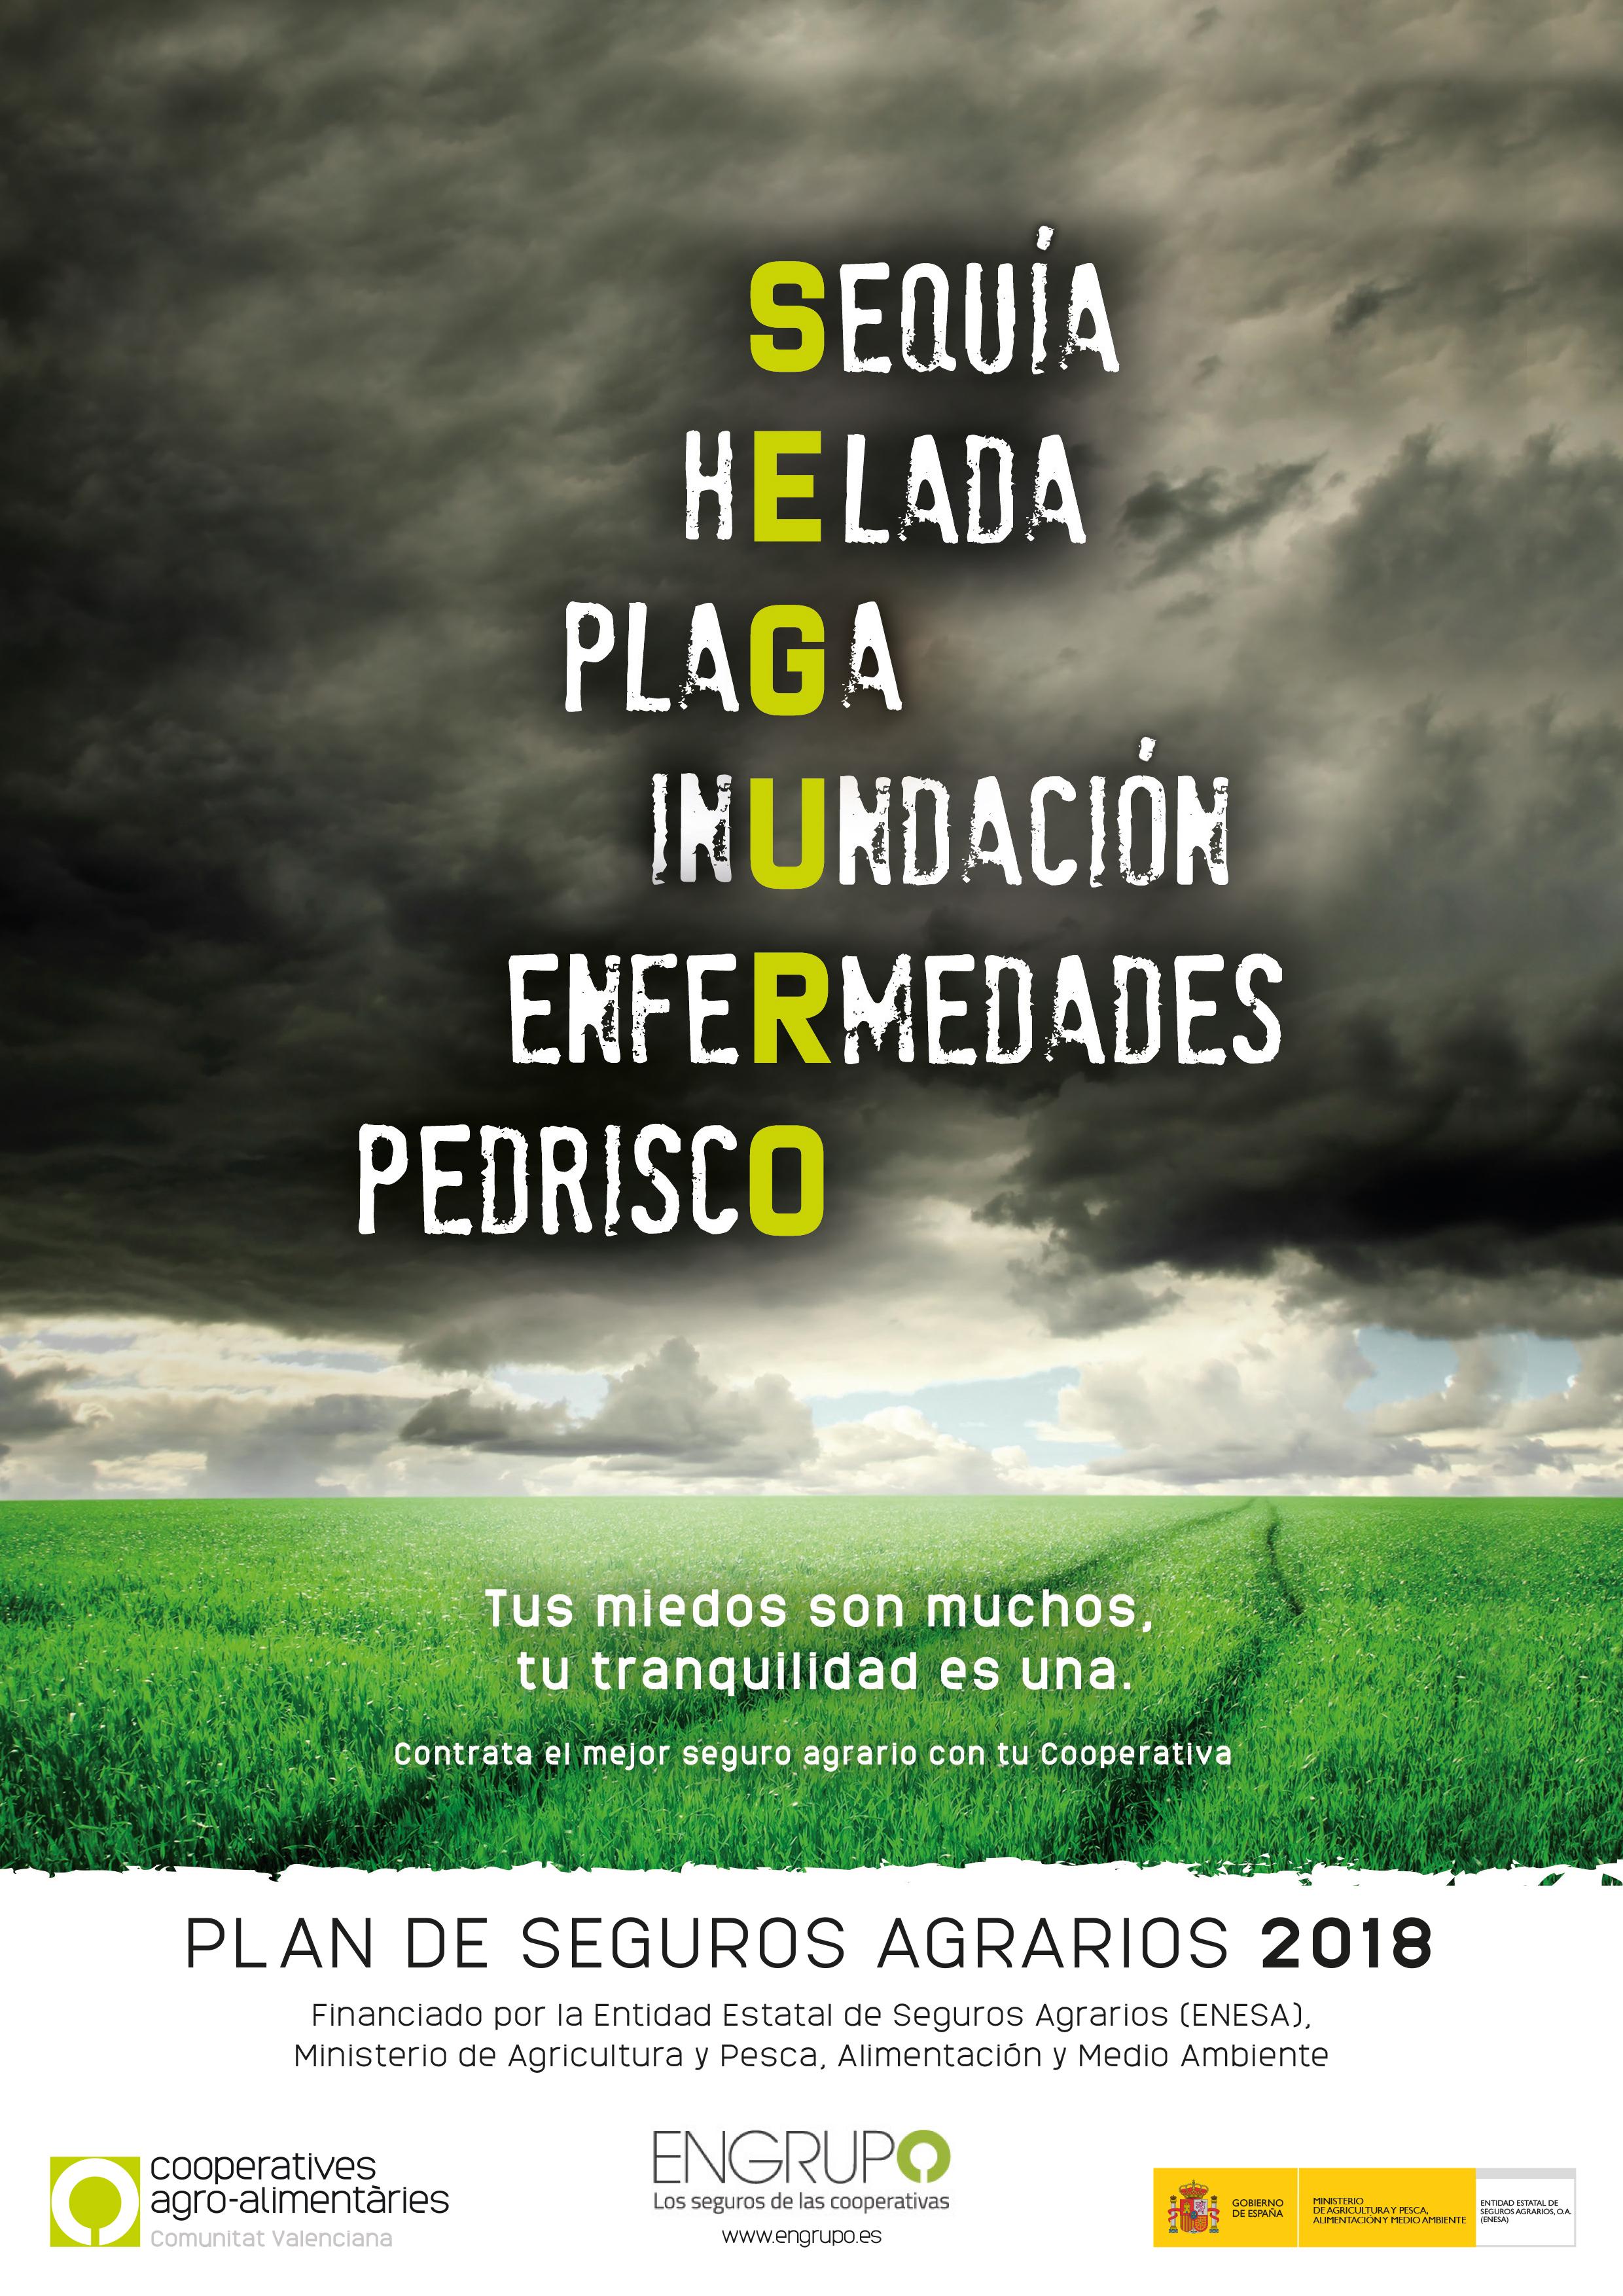 PSA Engrupo